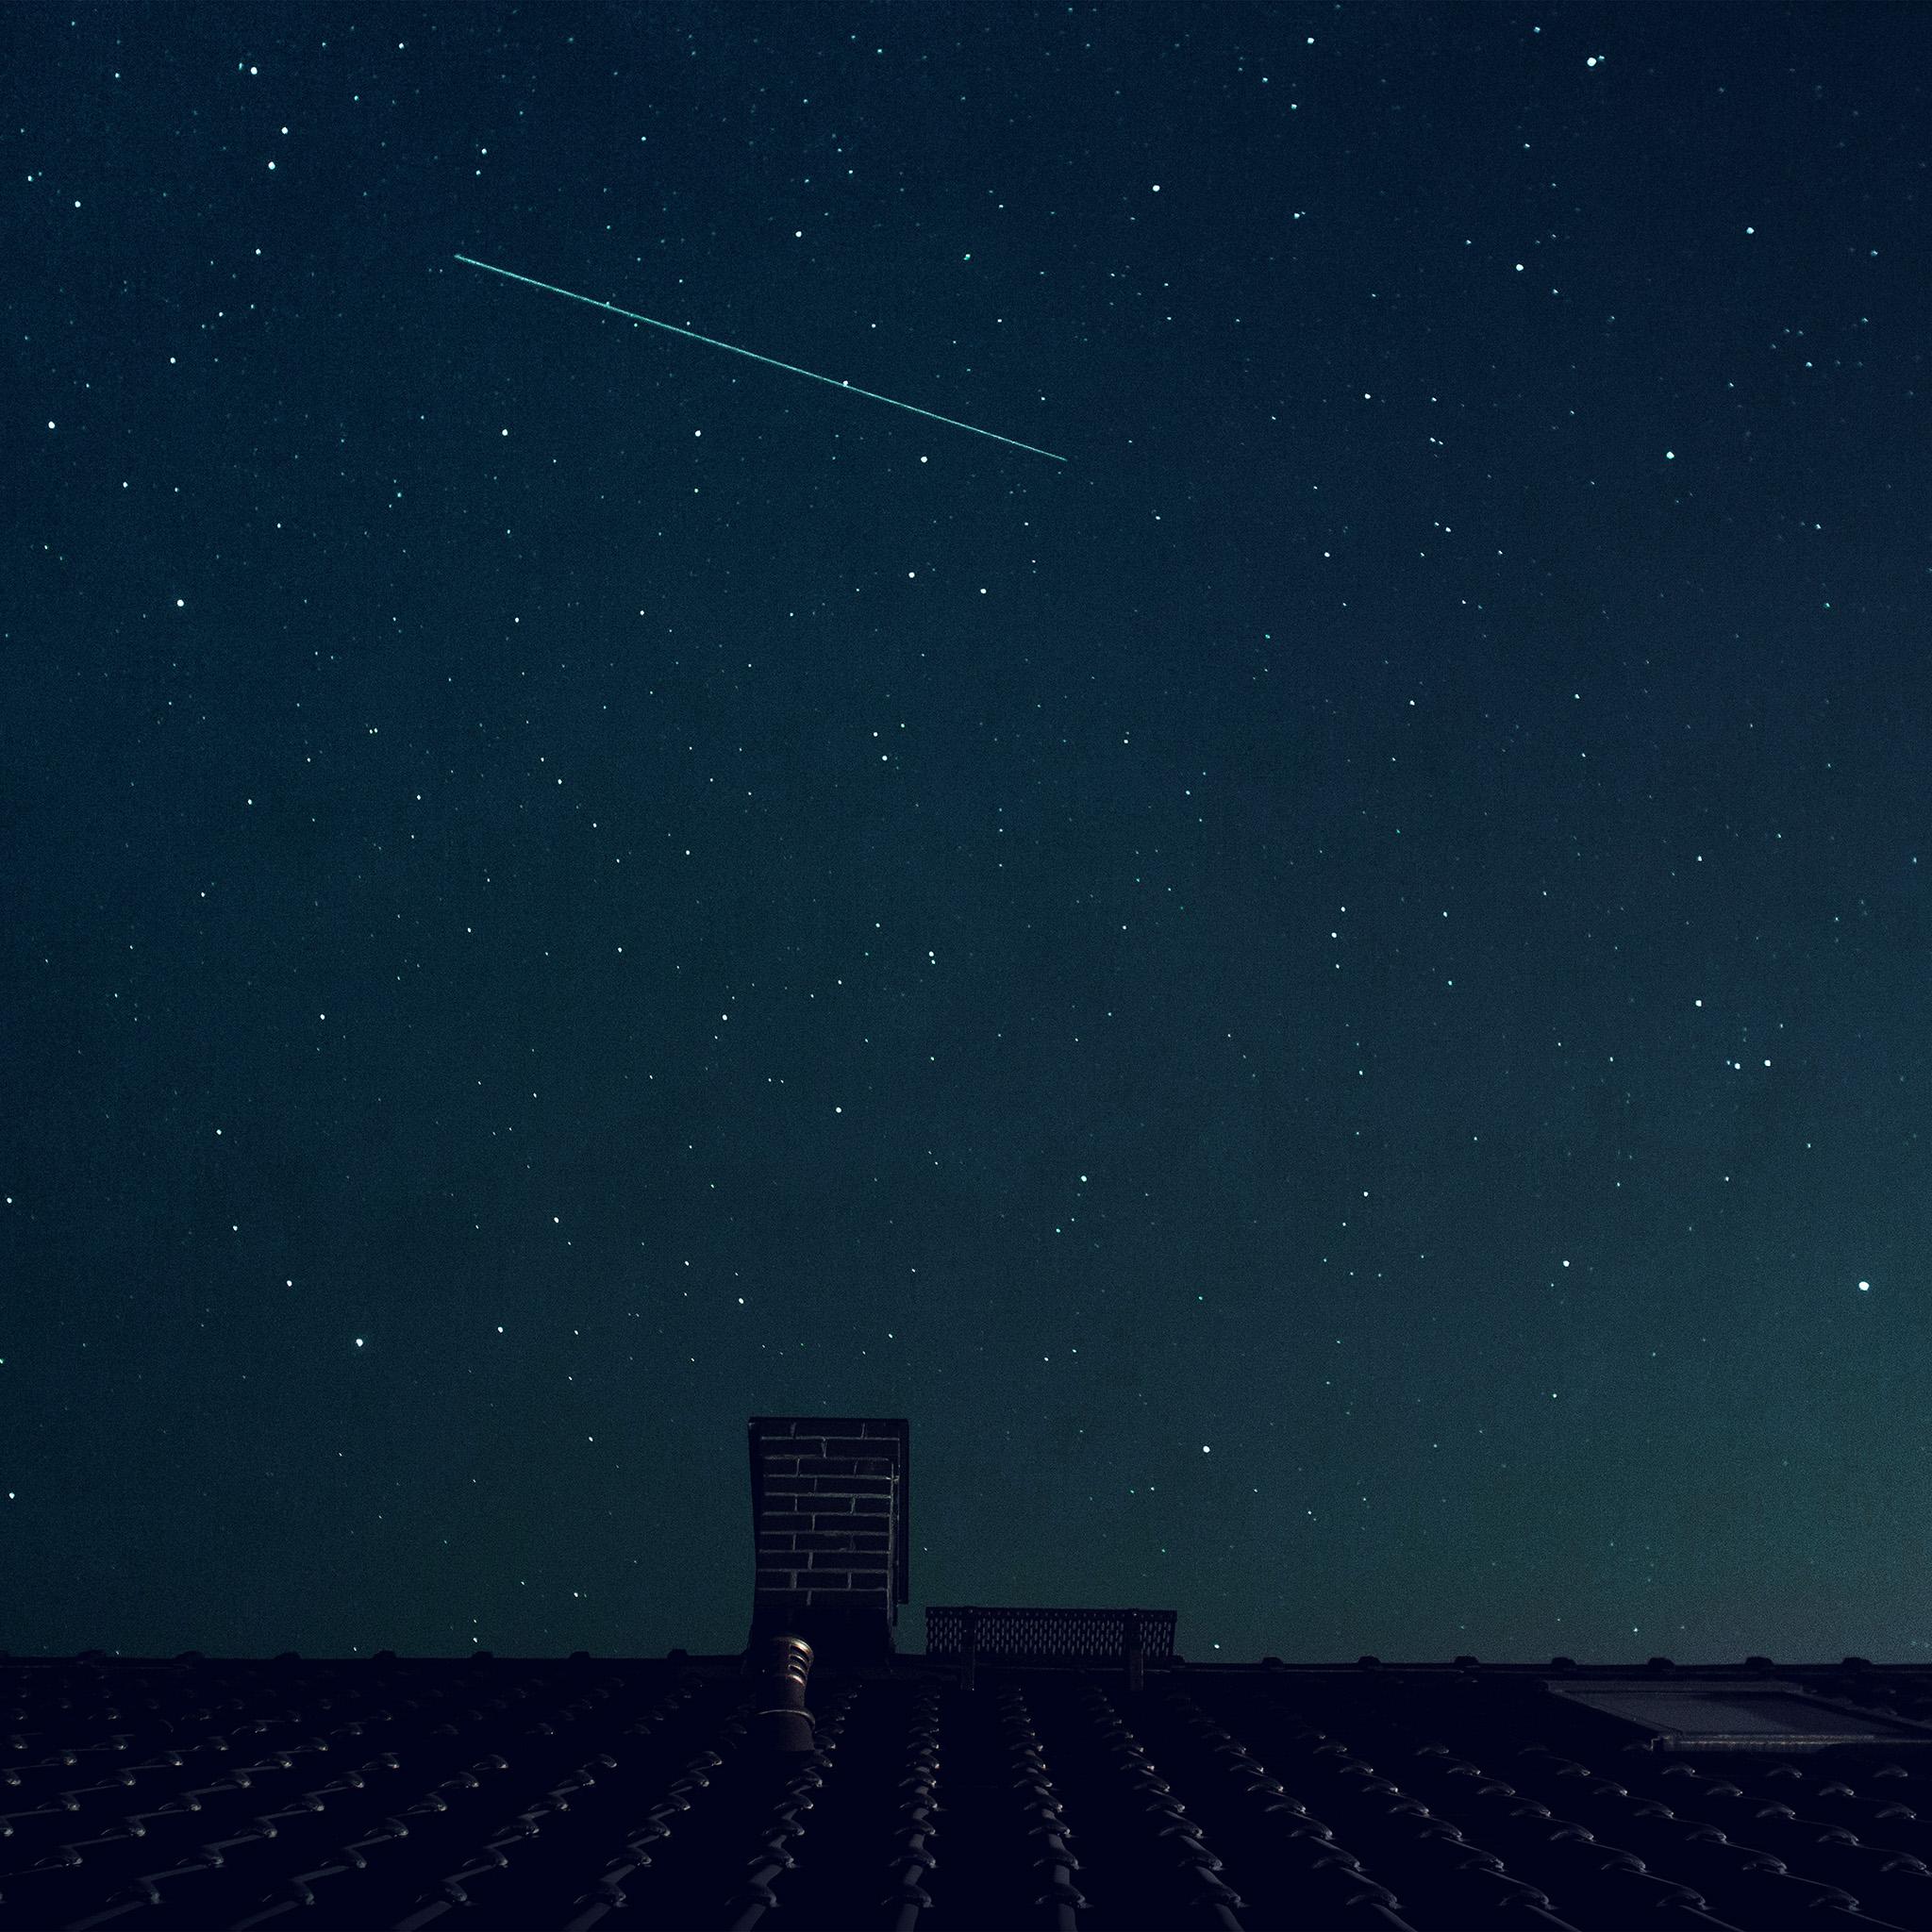 nd44-star-night-sky-summer-dark-blue-wallpaper